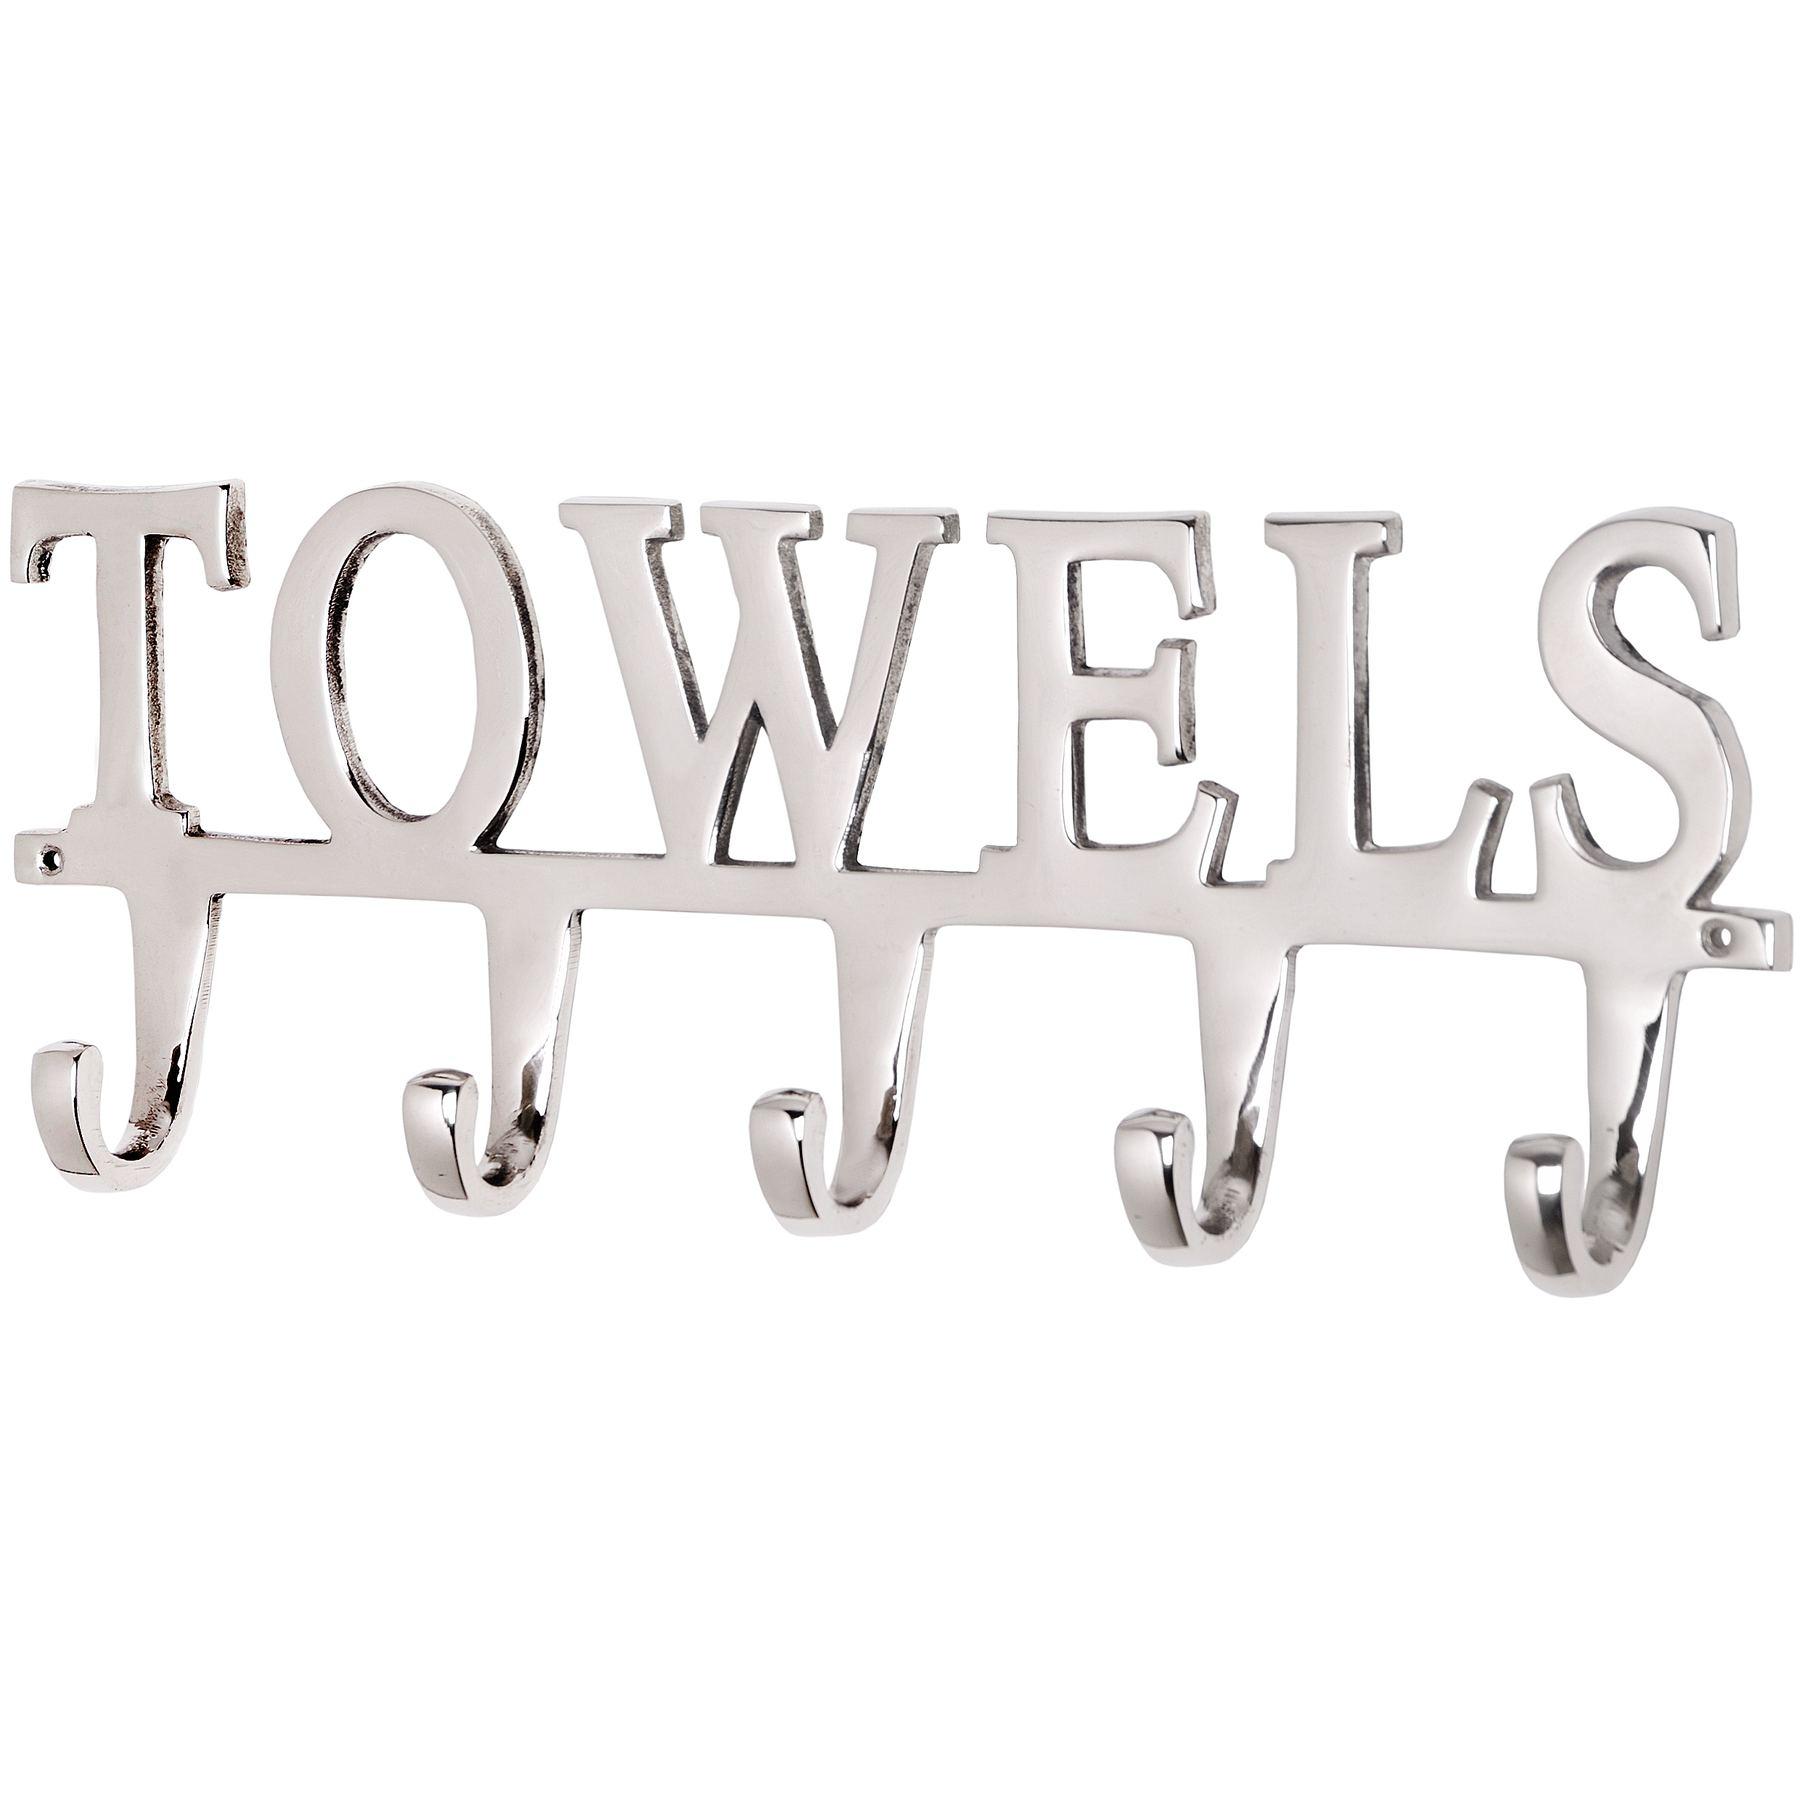 towel hooks. Large Nickel Towel Hook Hooks